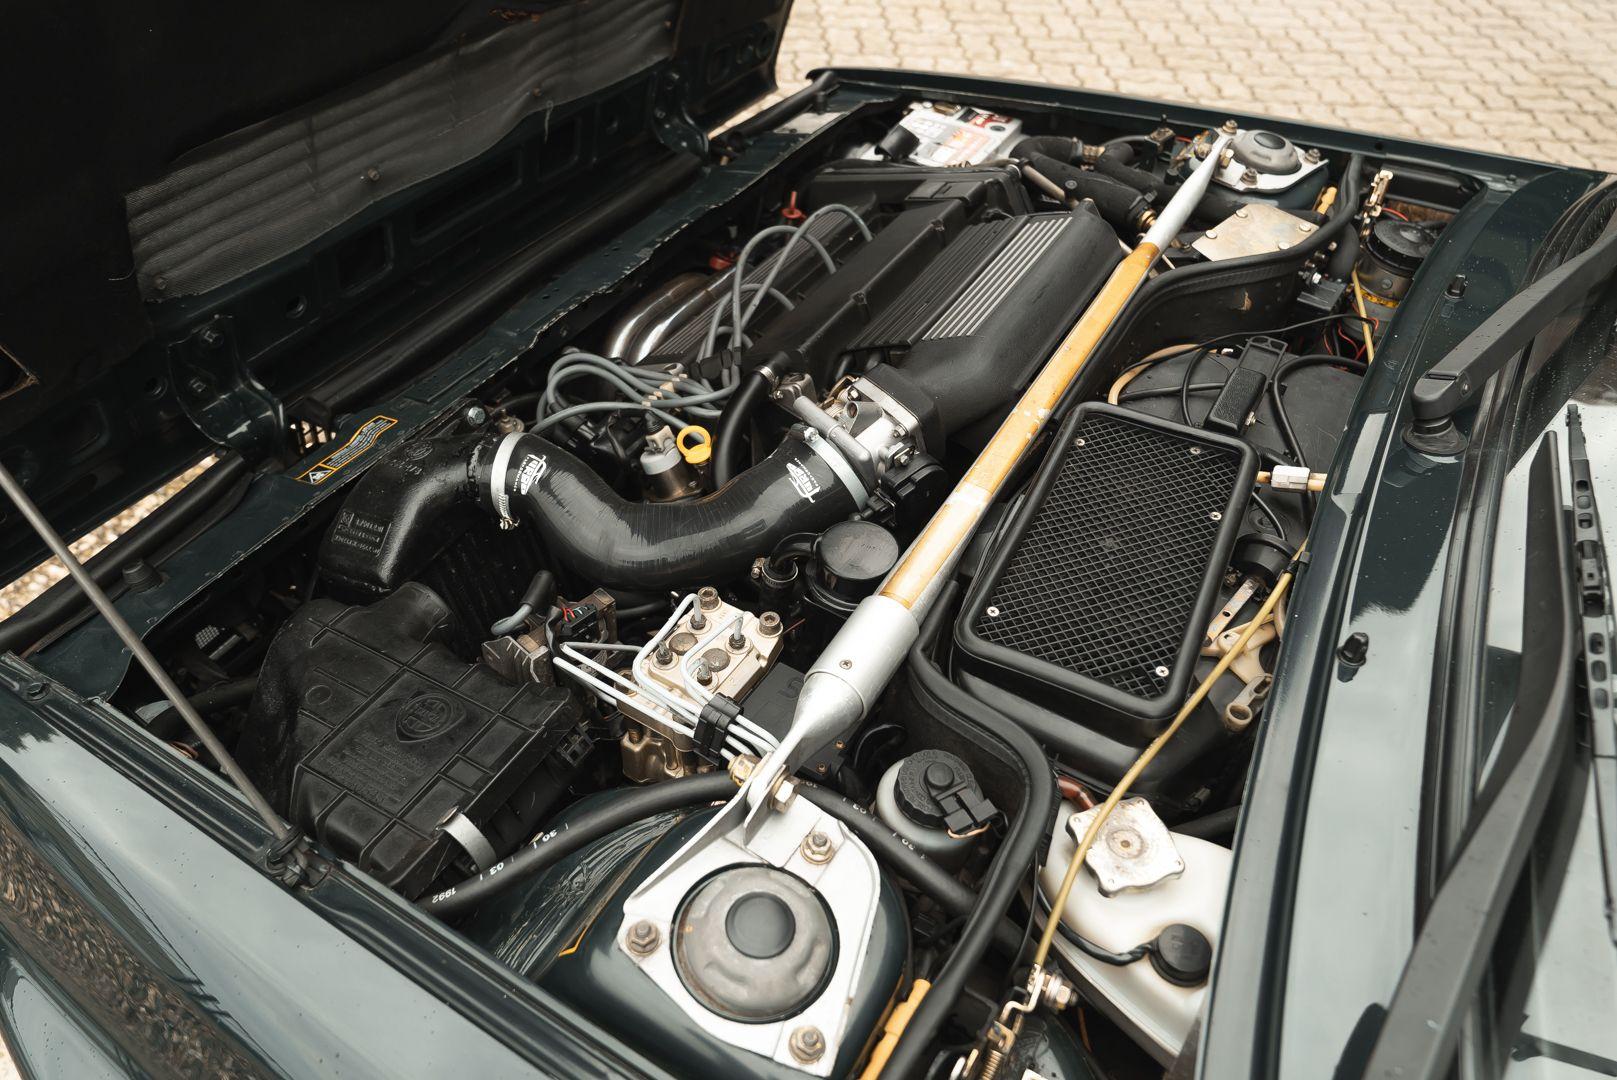 1992 Lancia Delta HF Integrale 16V Evo 1 - 79/250 84852